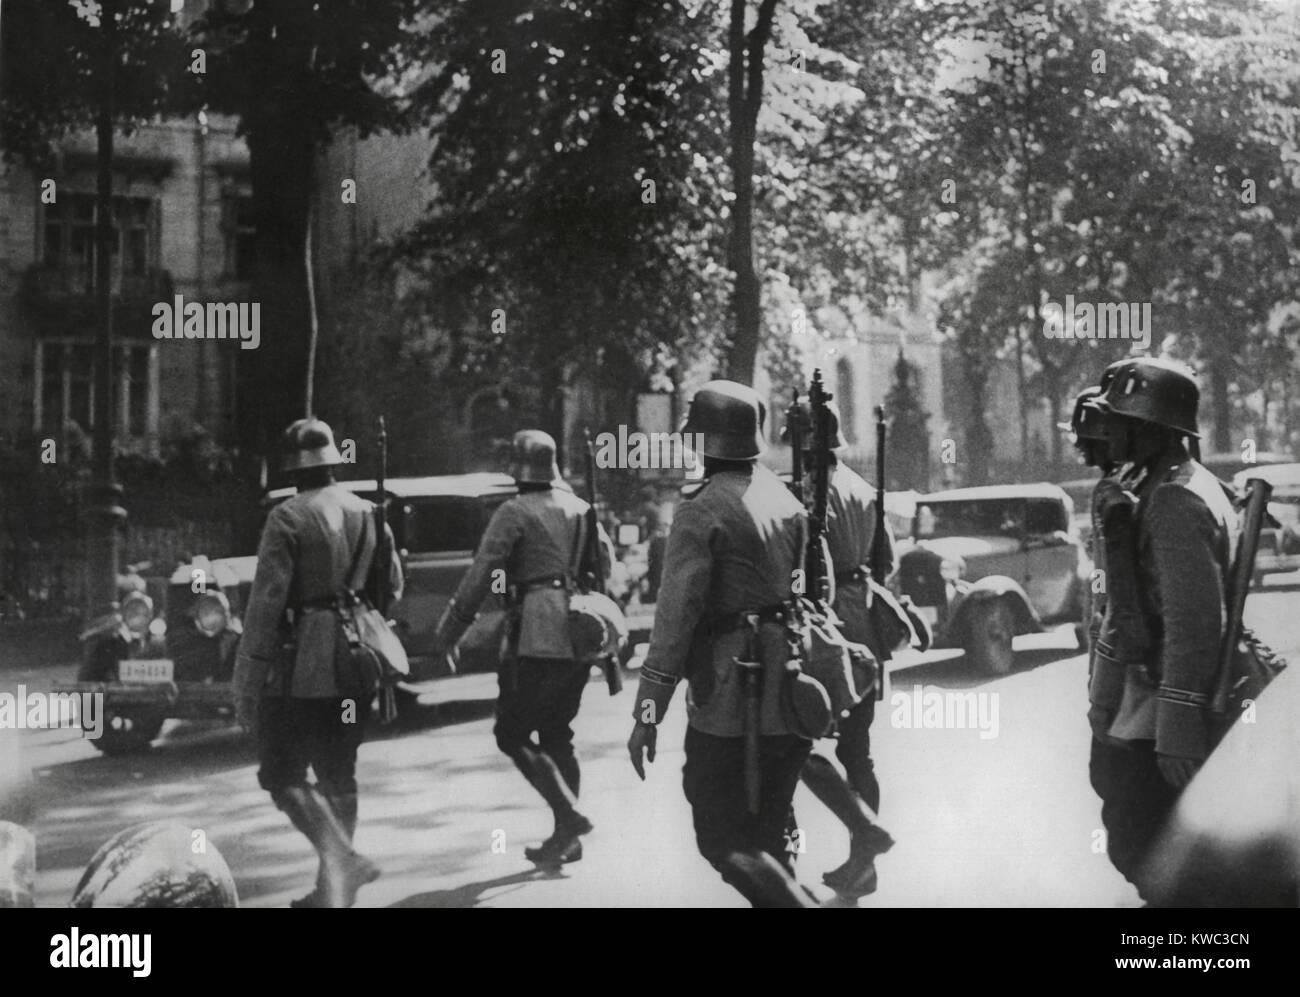 Patrulla del ejército alemán en Berlín durante la purga del partido nazi Sturmabteilung (SA) el liderazgo. 30 de Foto de stock